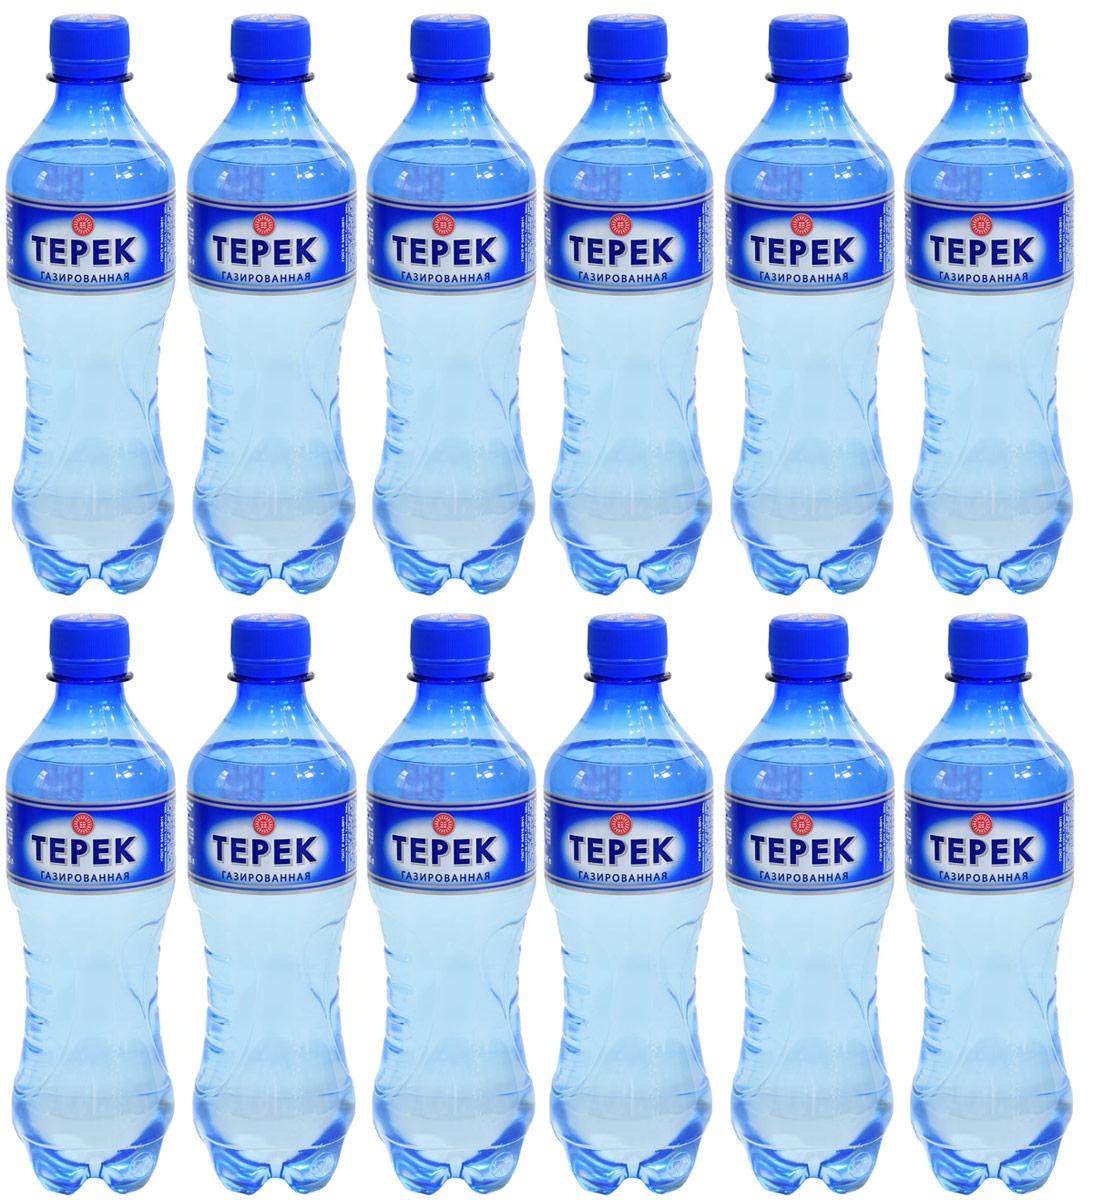 Терек вода минеральная газированная, 12 шт по 0,5 л5060295130016Натуральная минеральная столовая вода имеет природное происхождение. По микроэлементному составу полностью идентична хлоридно-гидрокарбонатным минеральным водам Кавказа. Рекомендована к регулярному использованию для питья и приготовления пищи. Не содержит каких либо вредных и токсичных элементов, способствует очищению организма от шлаков, улучшает обмен веществ, повышает иммунитет. Скважина № 81214, глубина 260 метров.